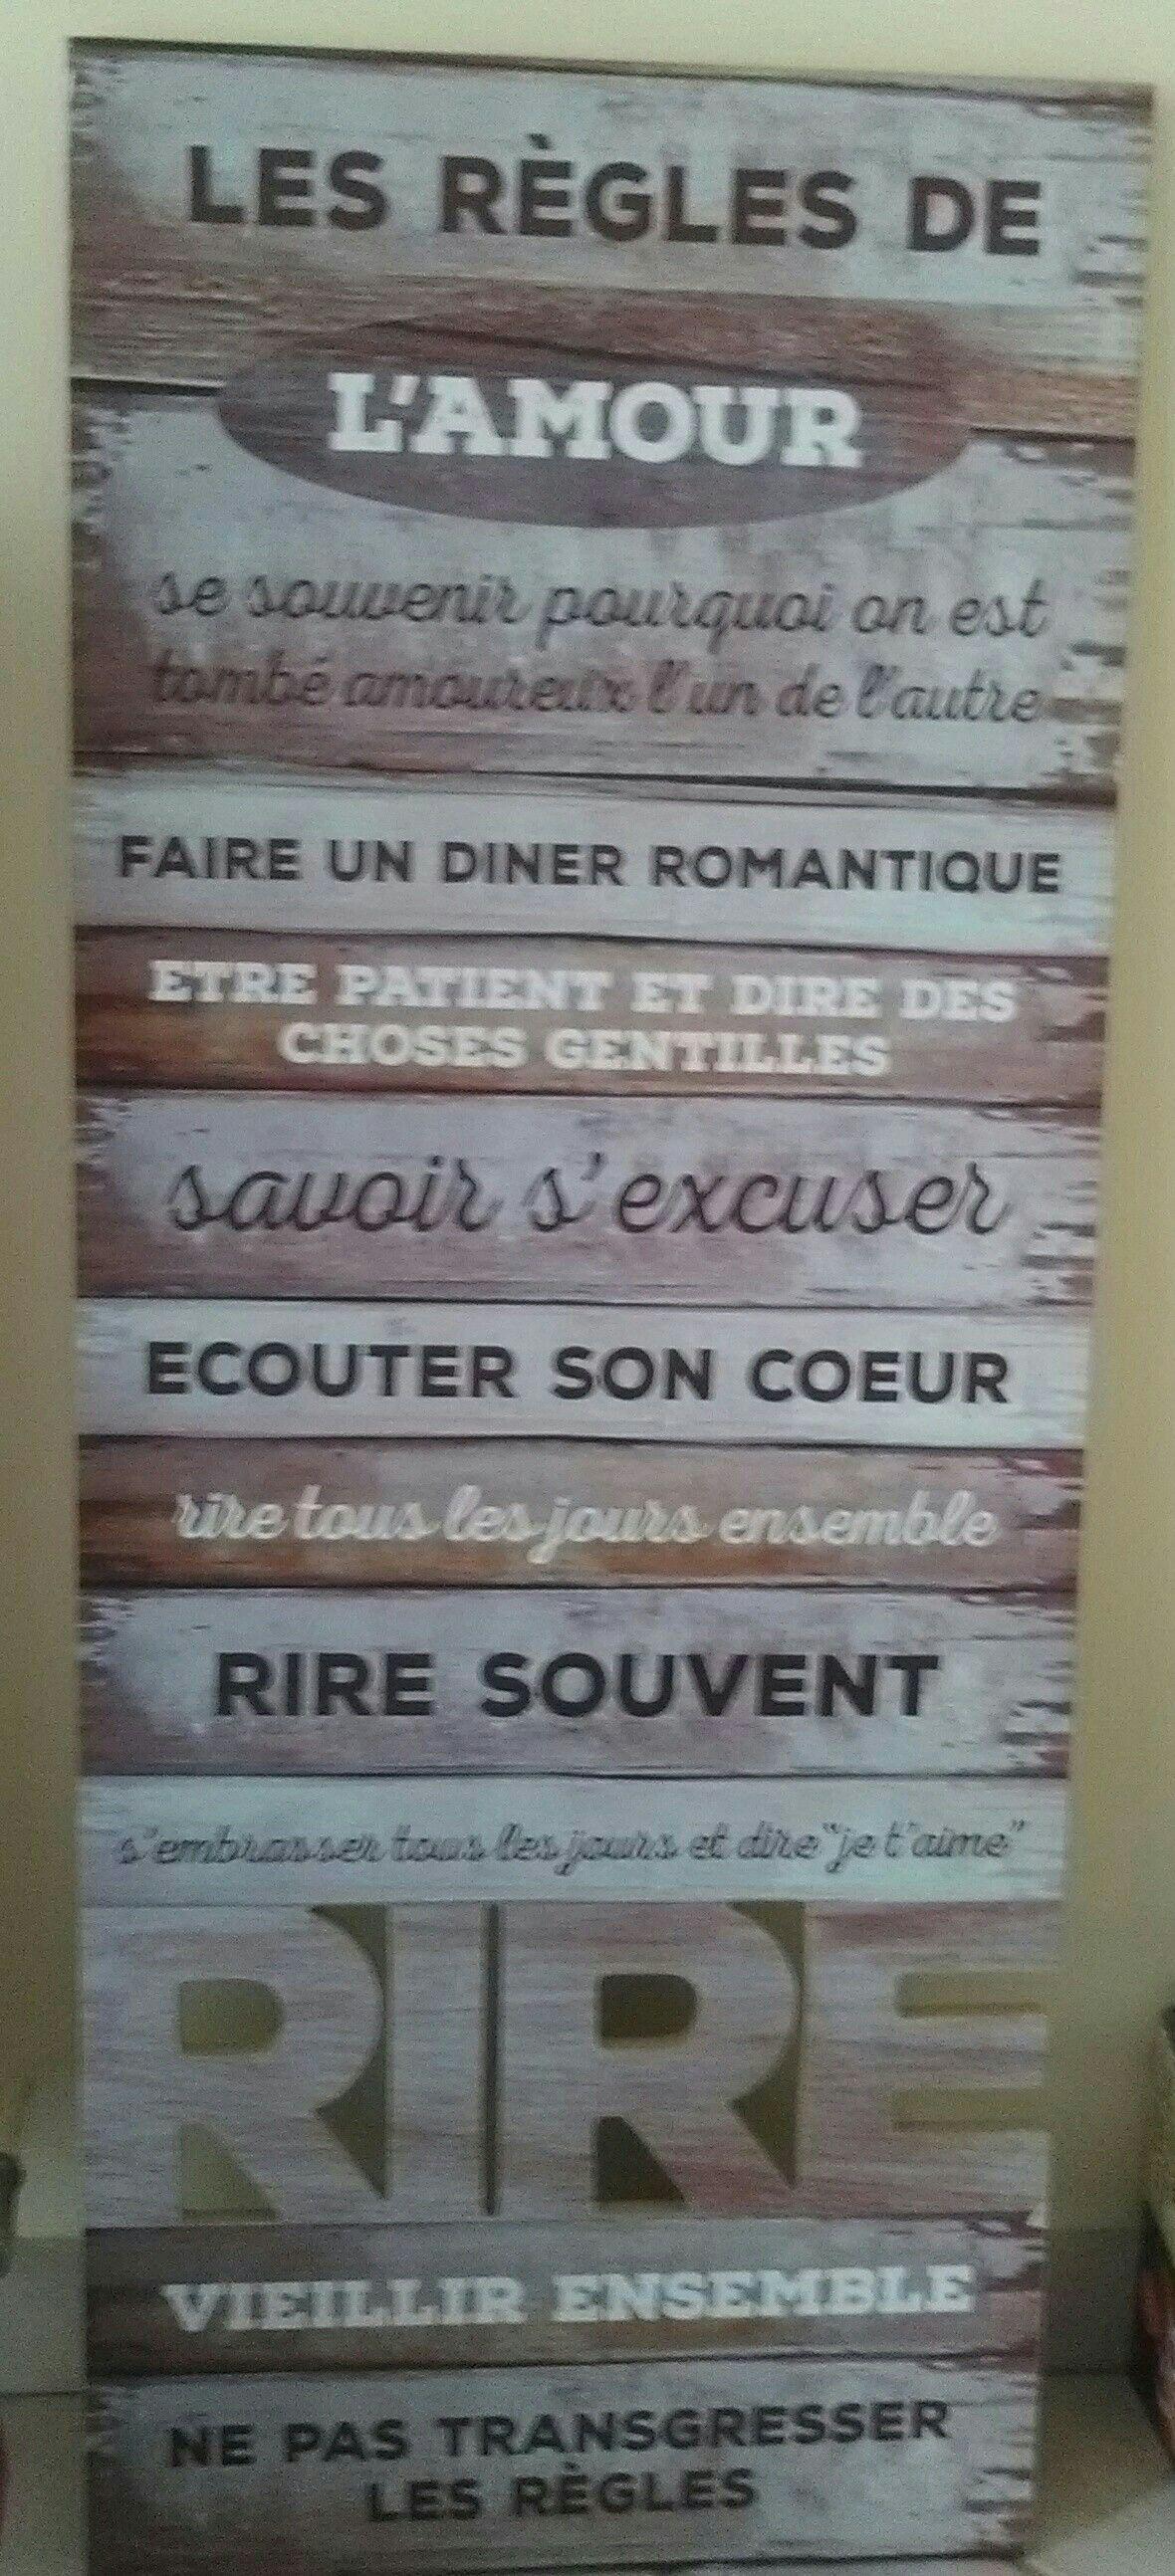 Epingle Par Marie Francoise Pasquier Sur Amour En 2020 Vieillir Ensemble Diner Romantique Vieillir